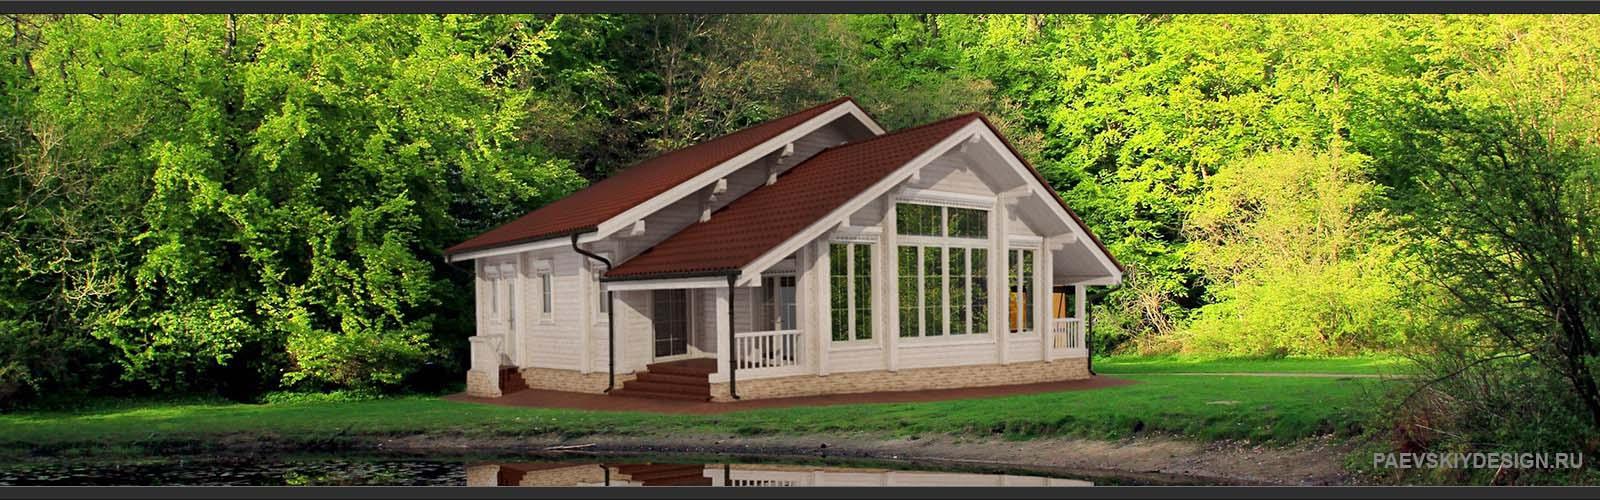 Дизайн деревянного дома из профилированного бруса